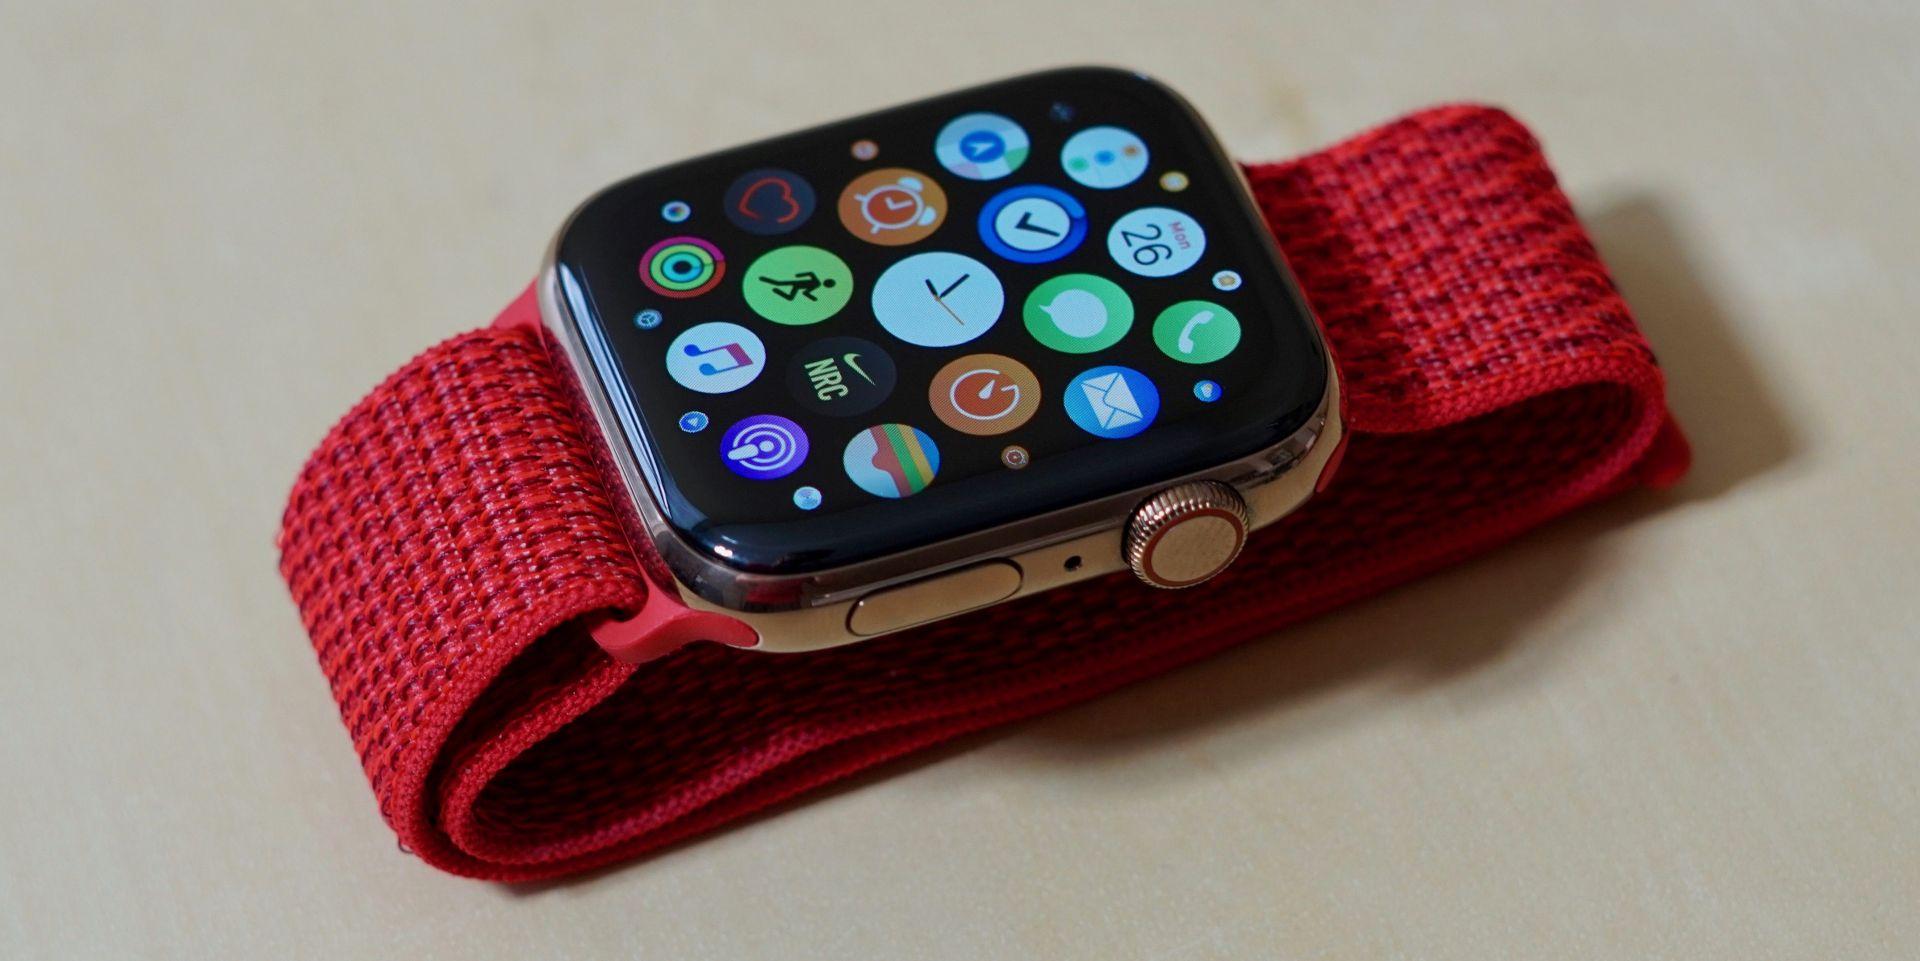 2018 年智能手表销量增长61%,苹果主导市场